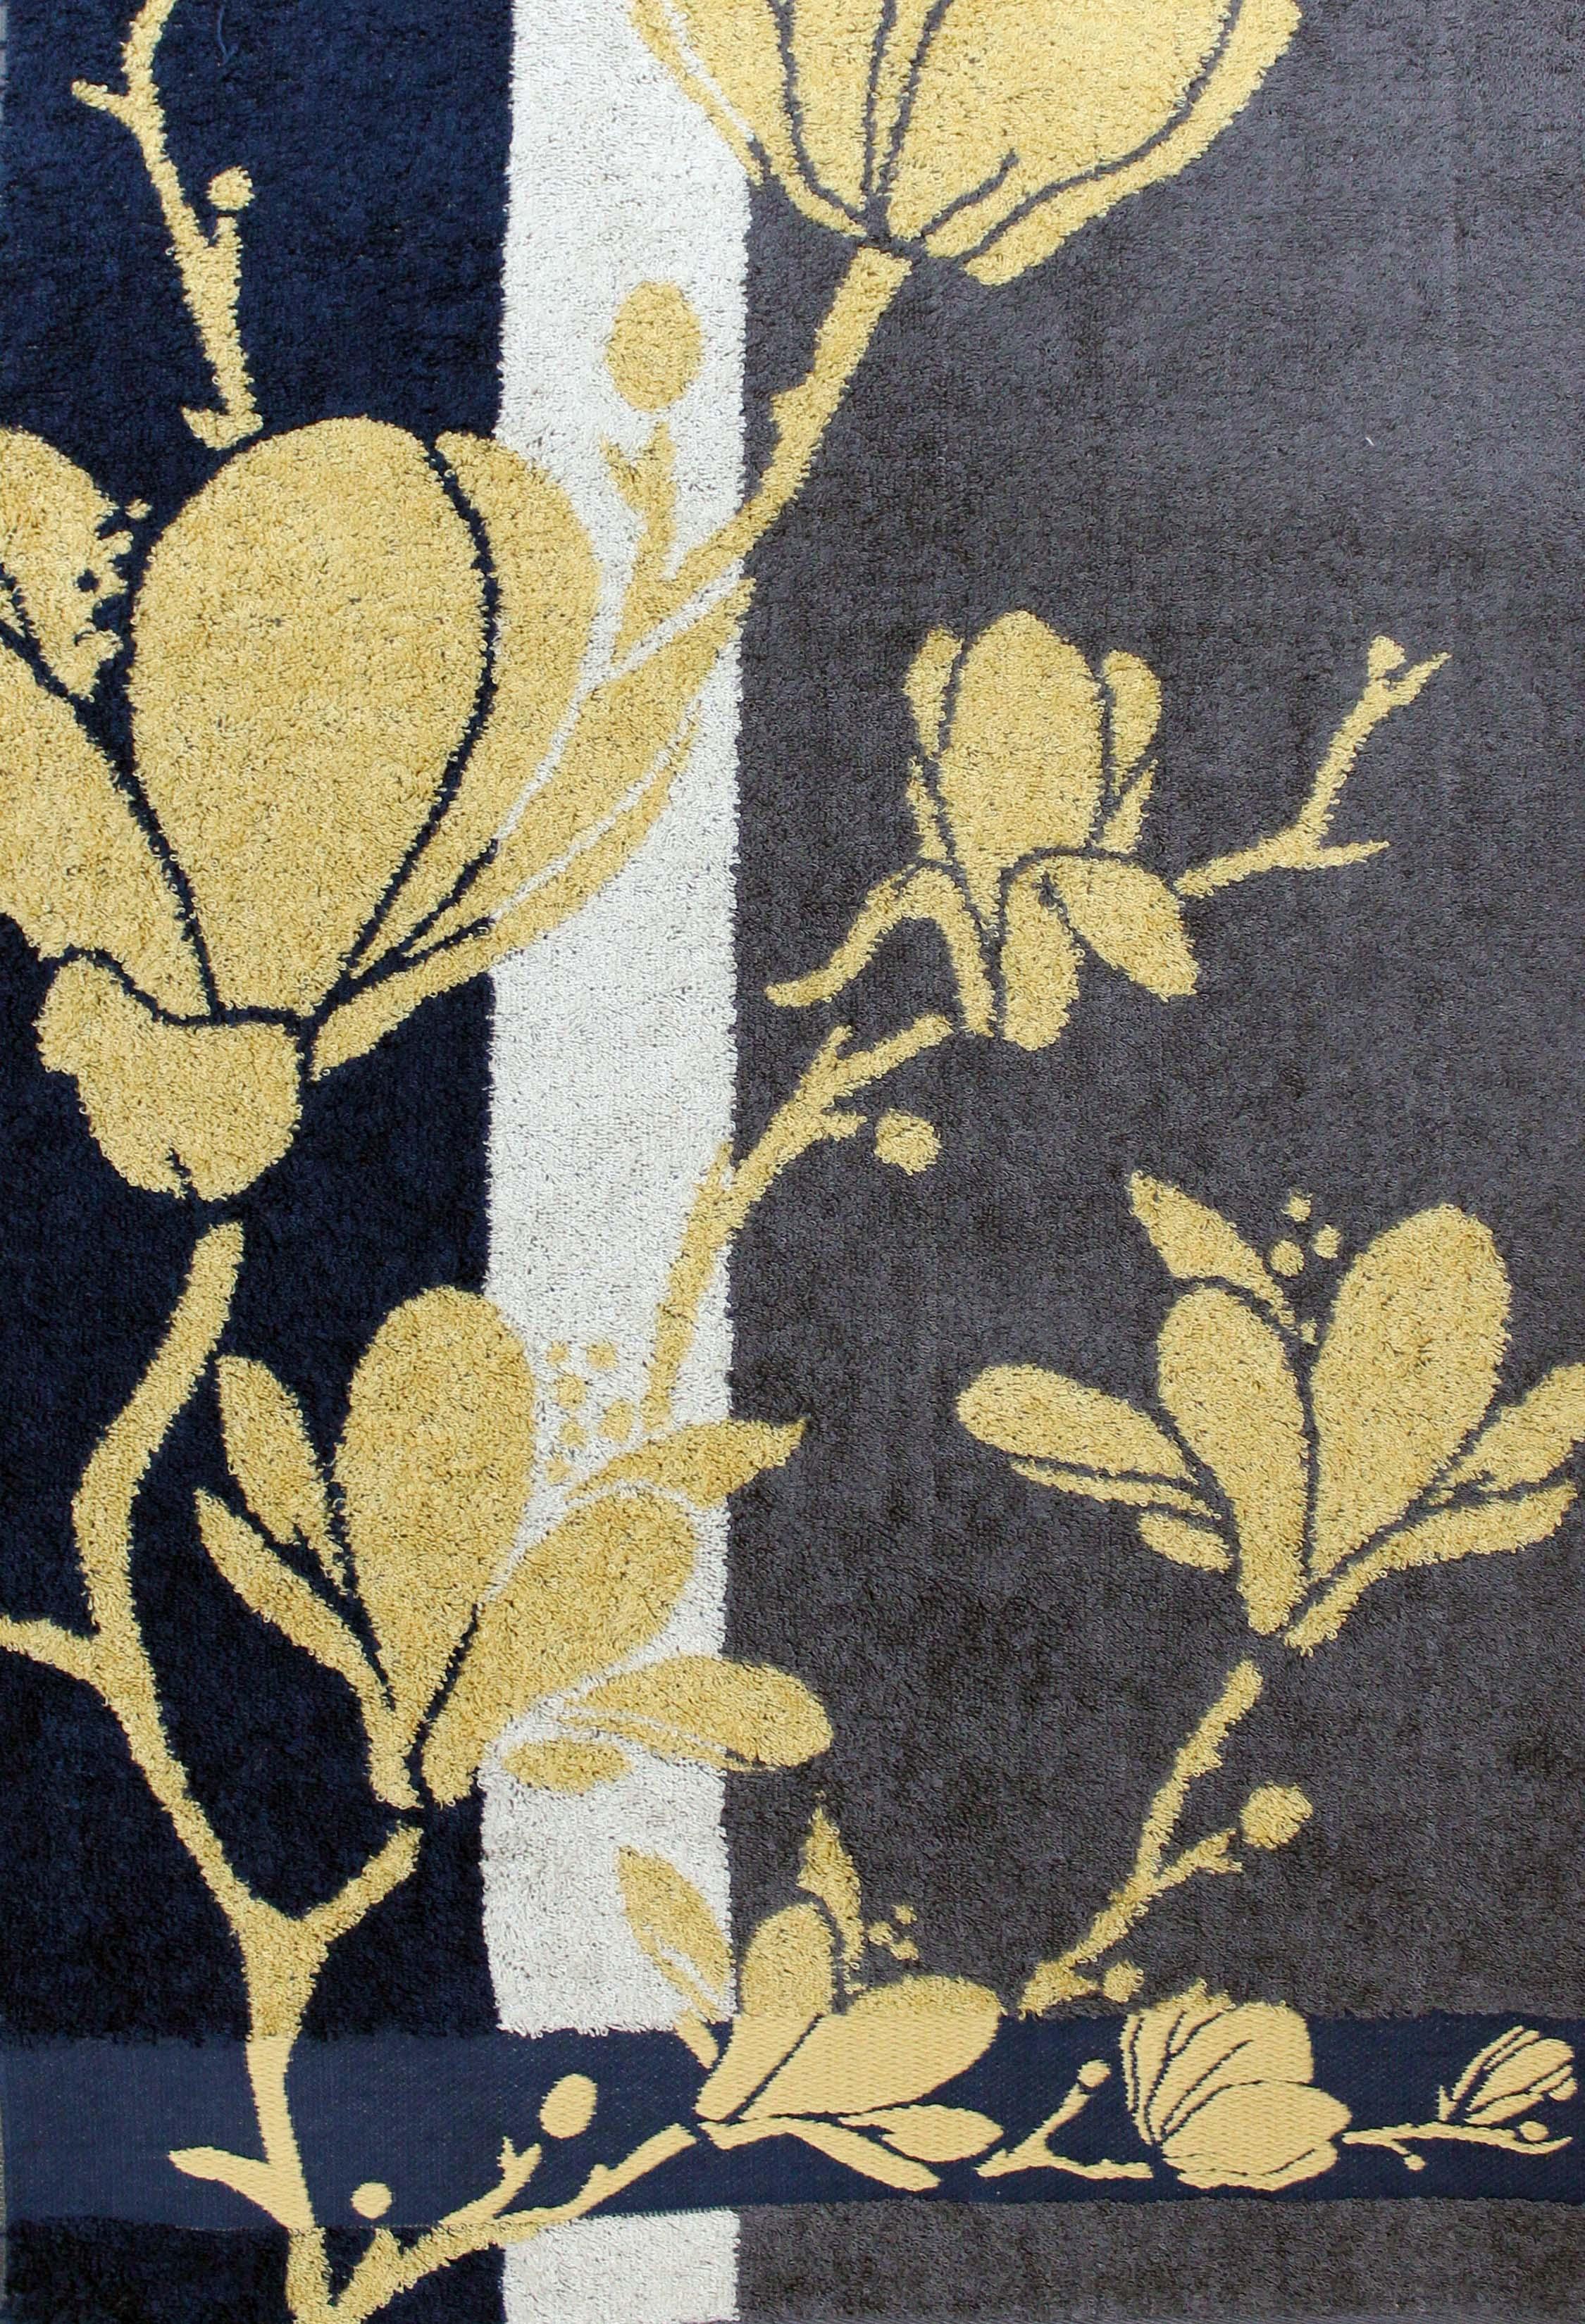 Полотенца MagnoliaДля всей семьи<br><br><br>Размер: Серый